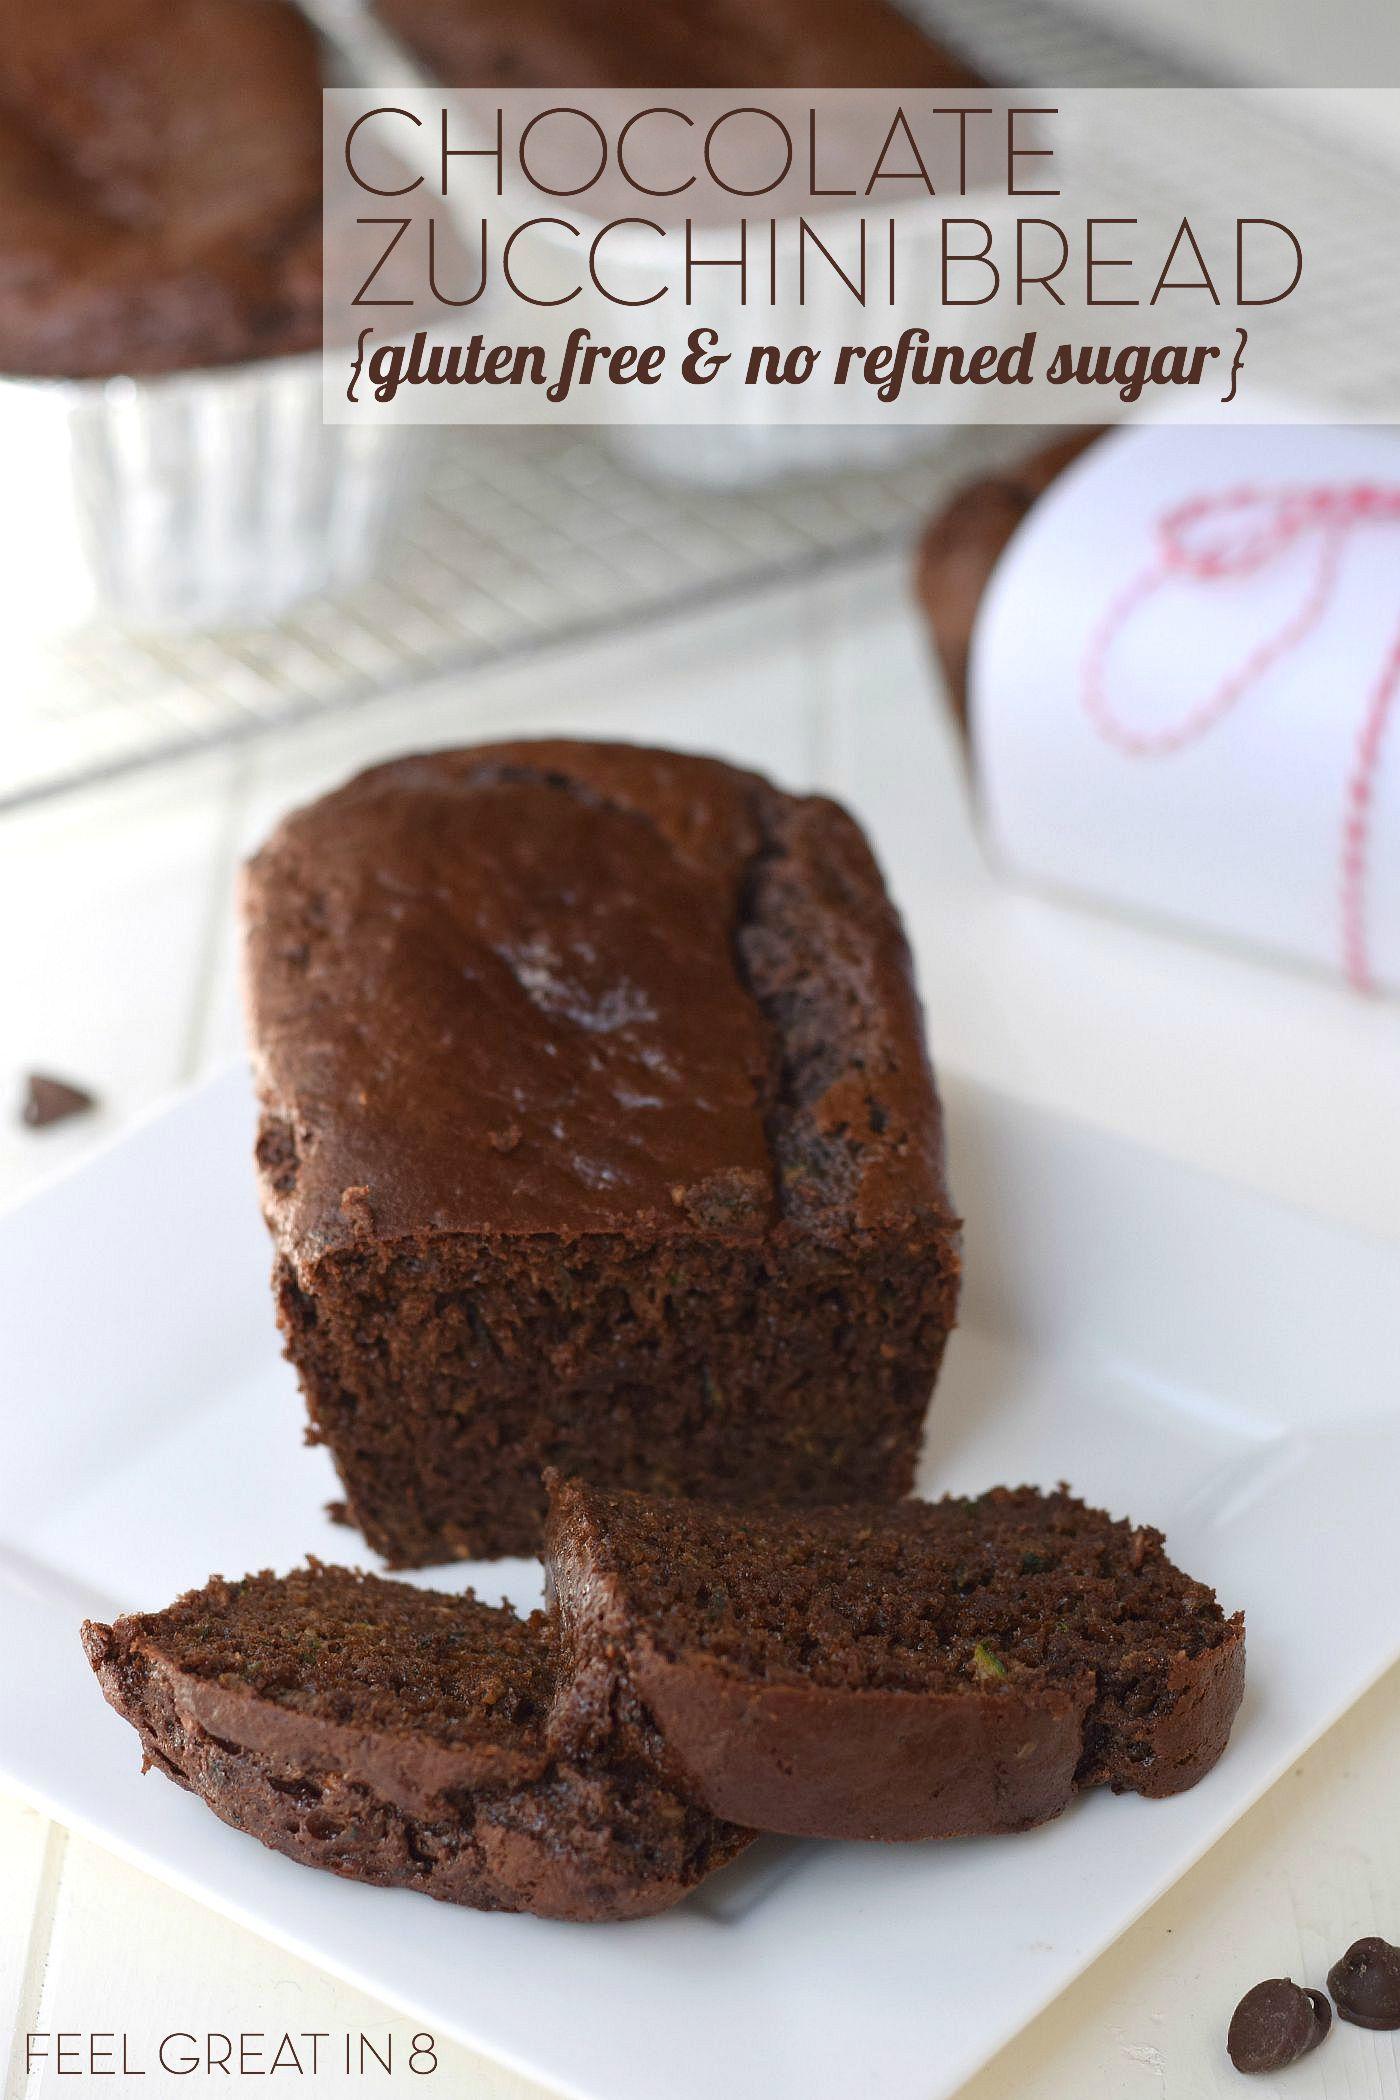 Chocolate Zucchini Bread Gluten Free No Refined Sugar Recipe Gluten Free Zucchini Bread Gluten Free Desserts Chocolate Zucchini Bread